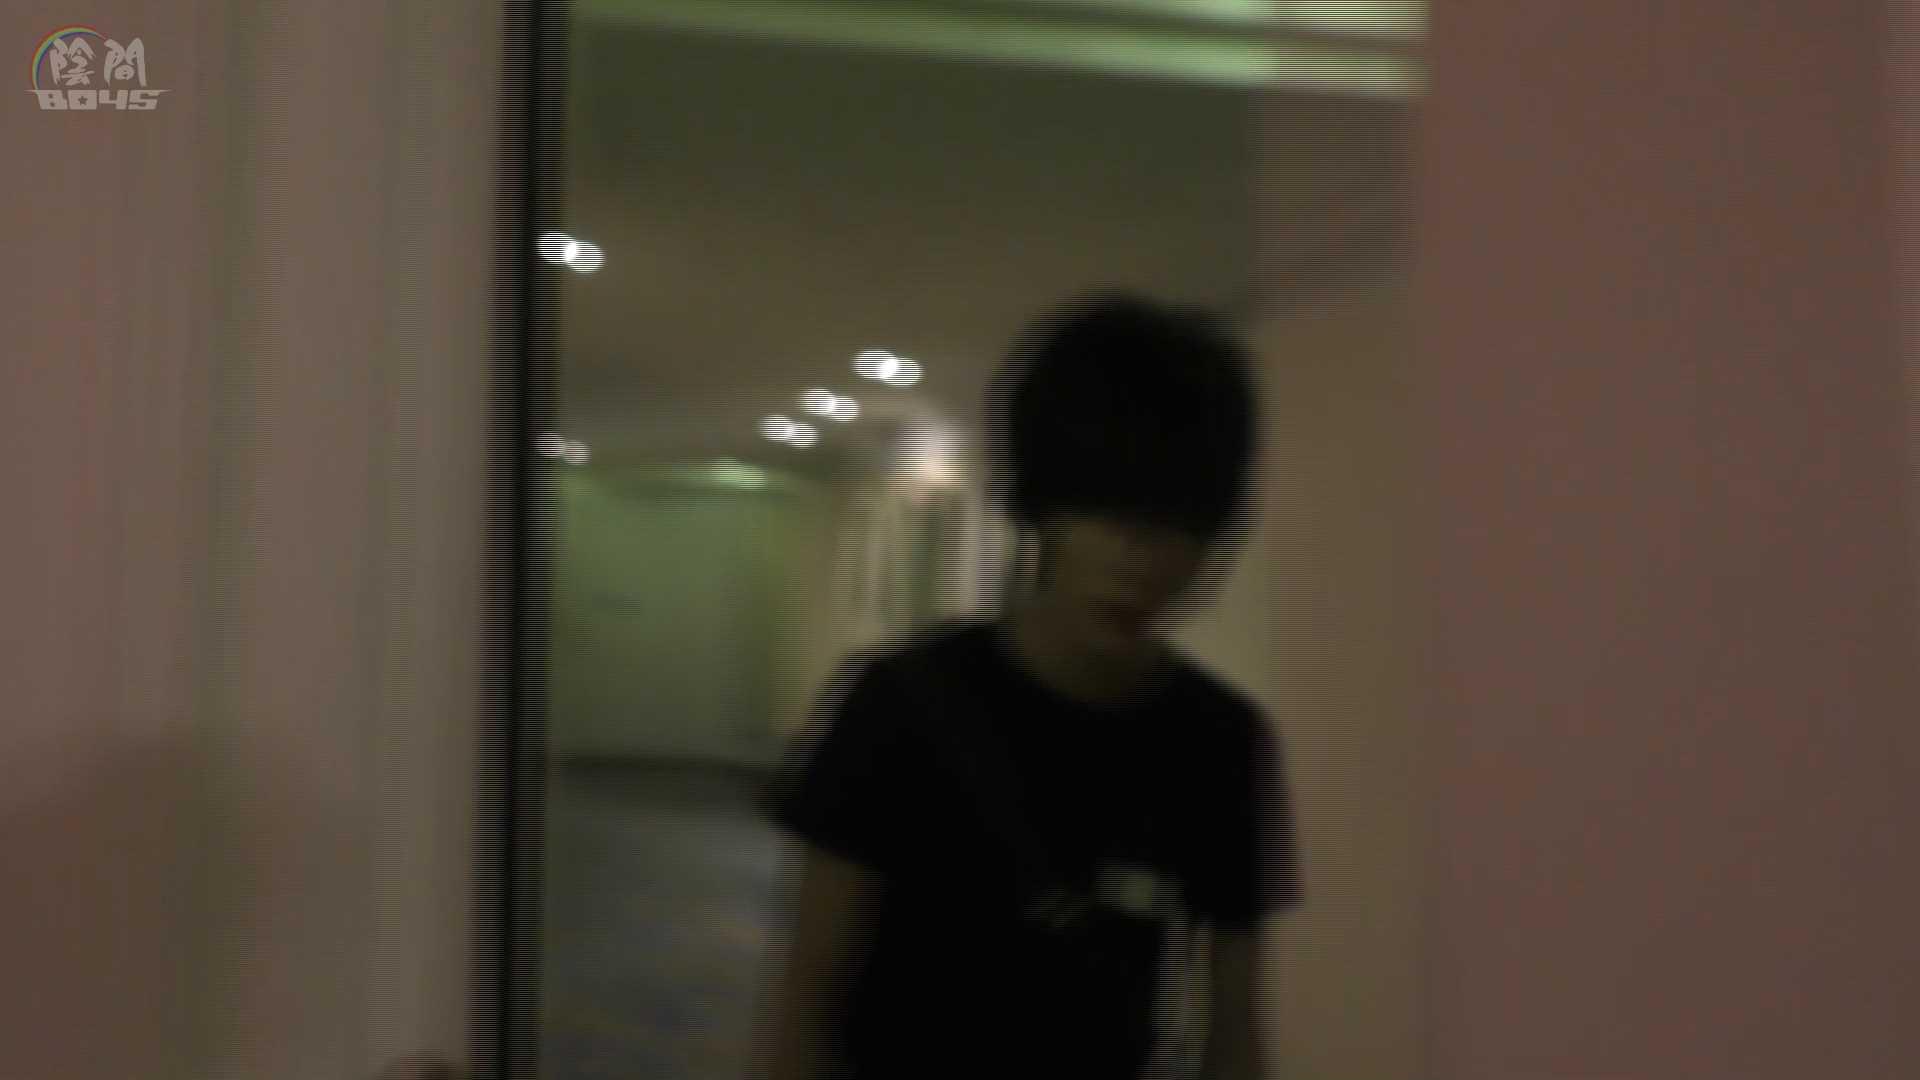 """ADのお仕事part3 part3 No.01""""アナルやばいっす"""" アナル  95pic 28"""